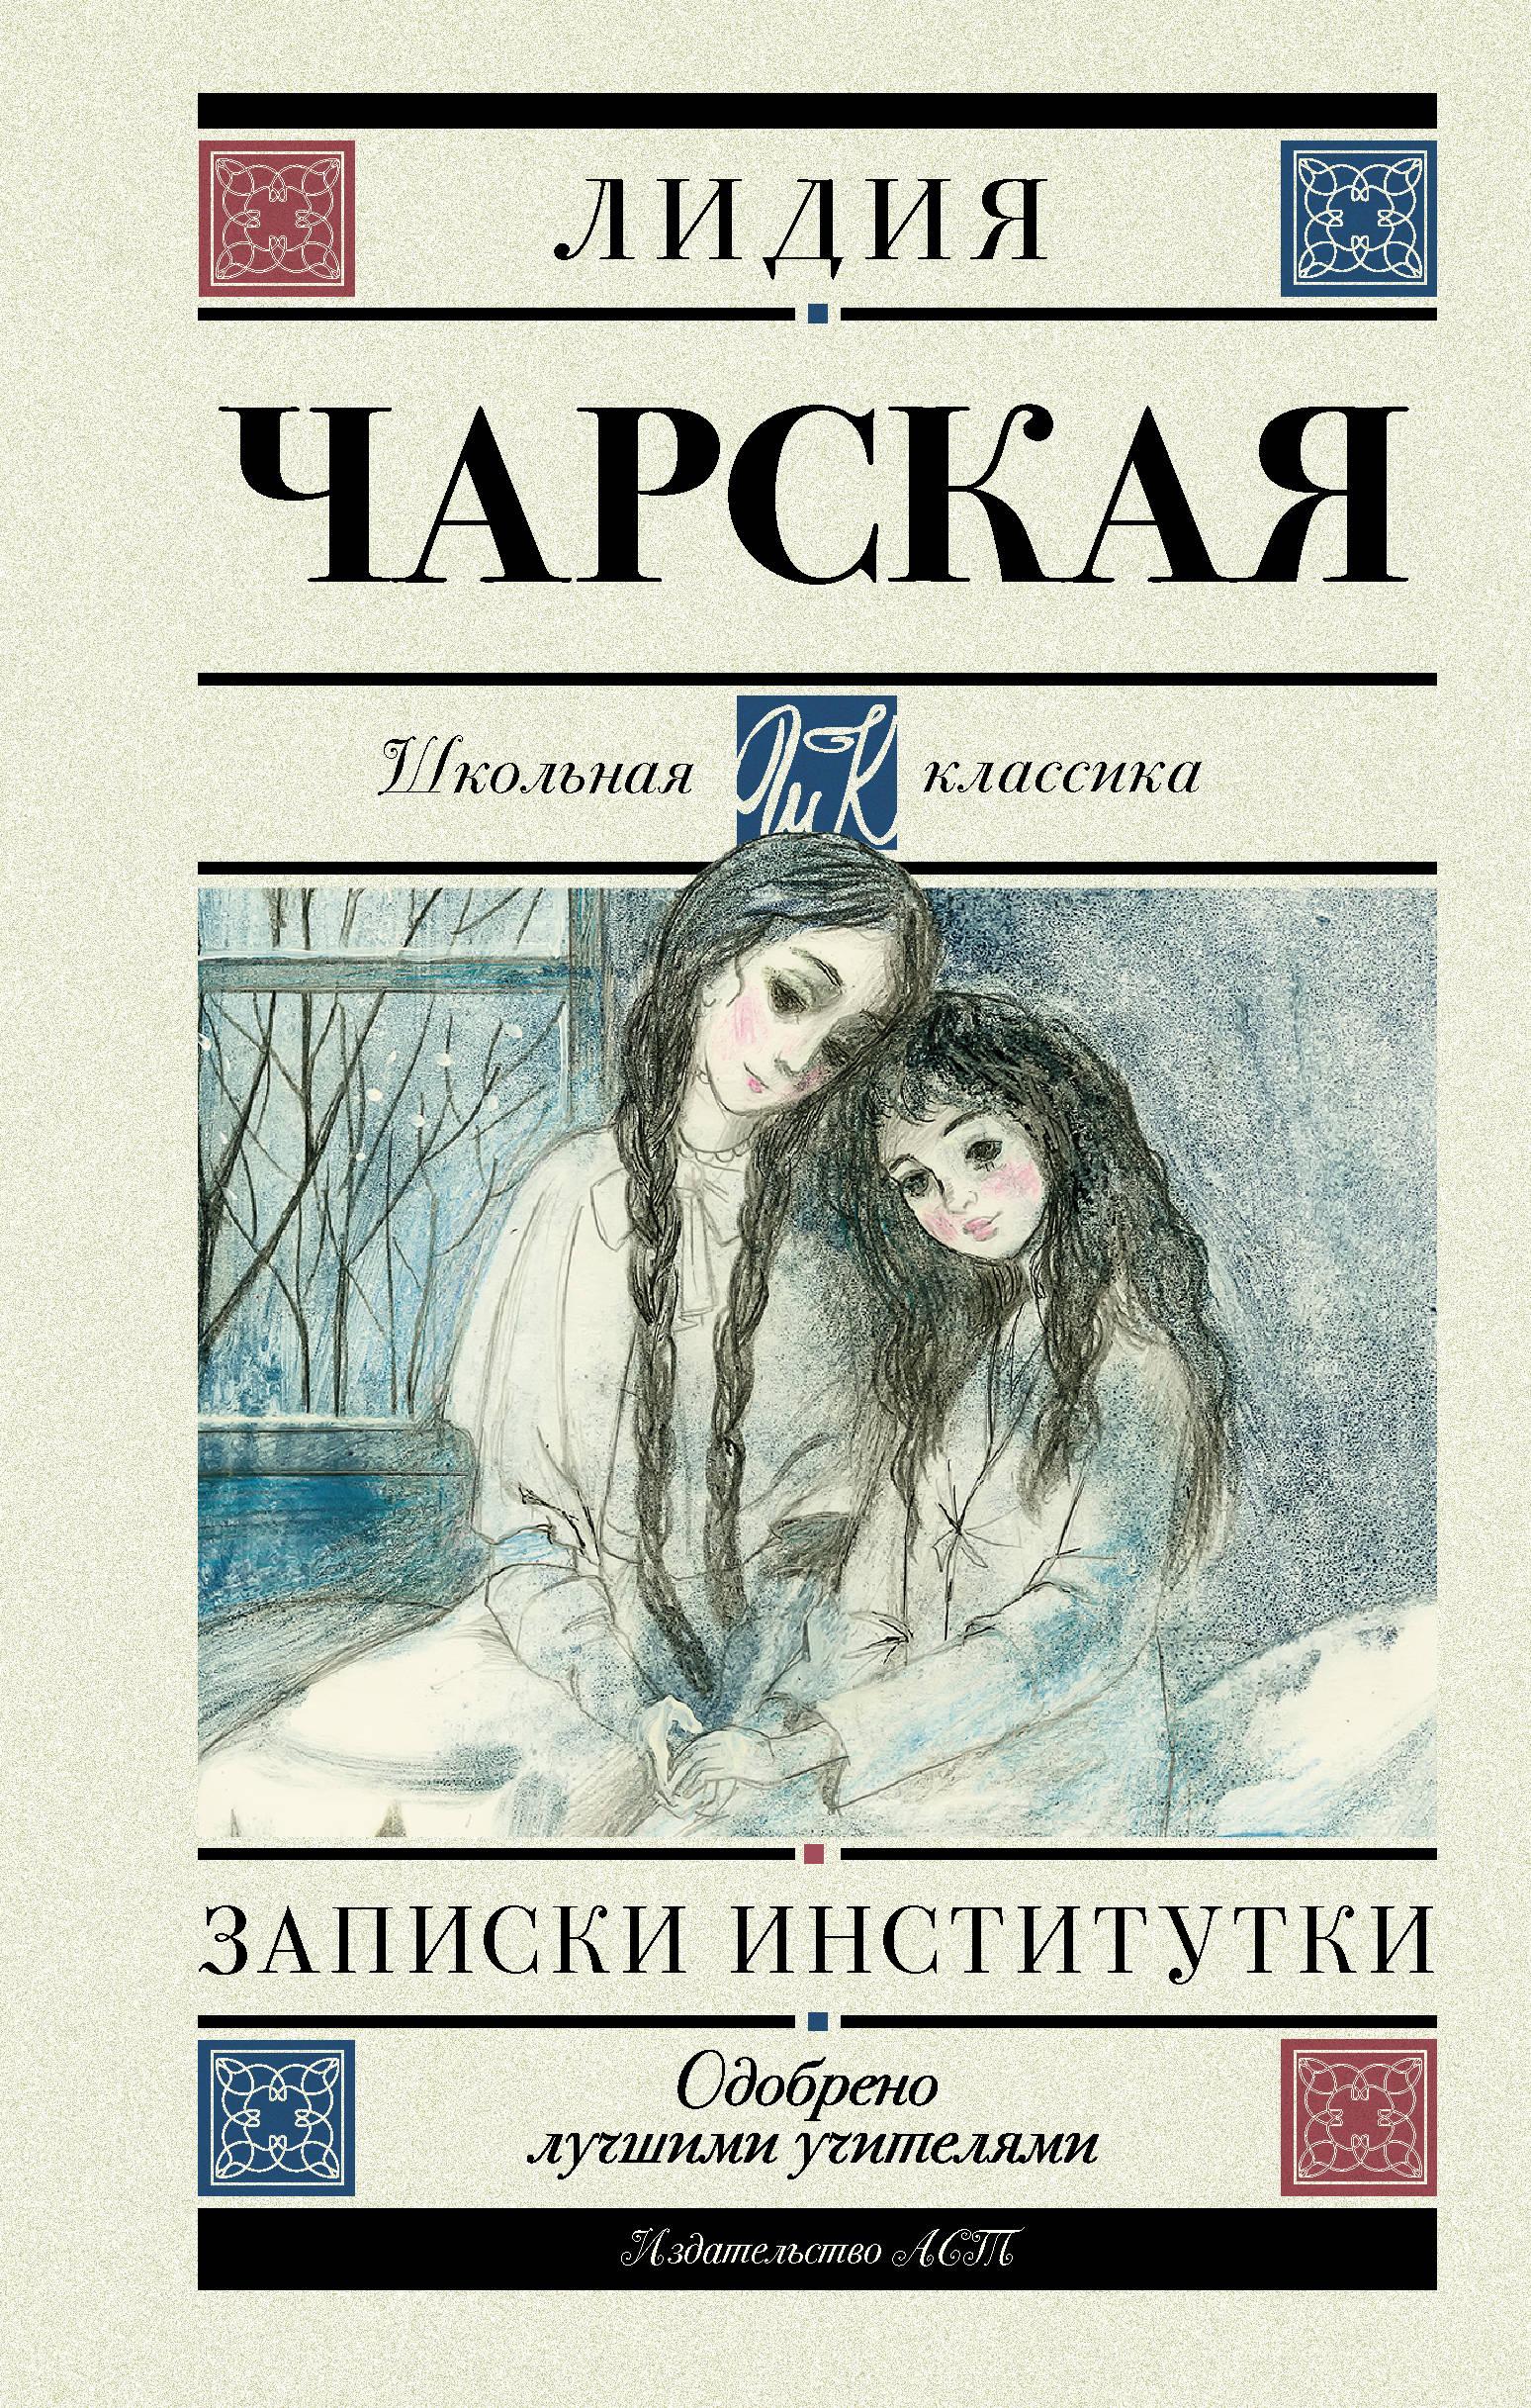 Записки институтки (для АШАН)